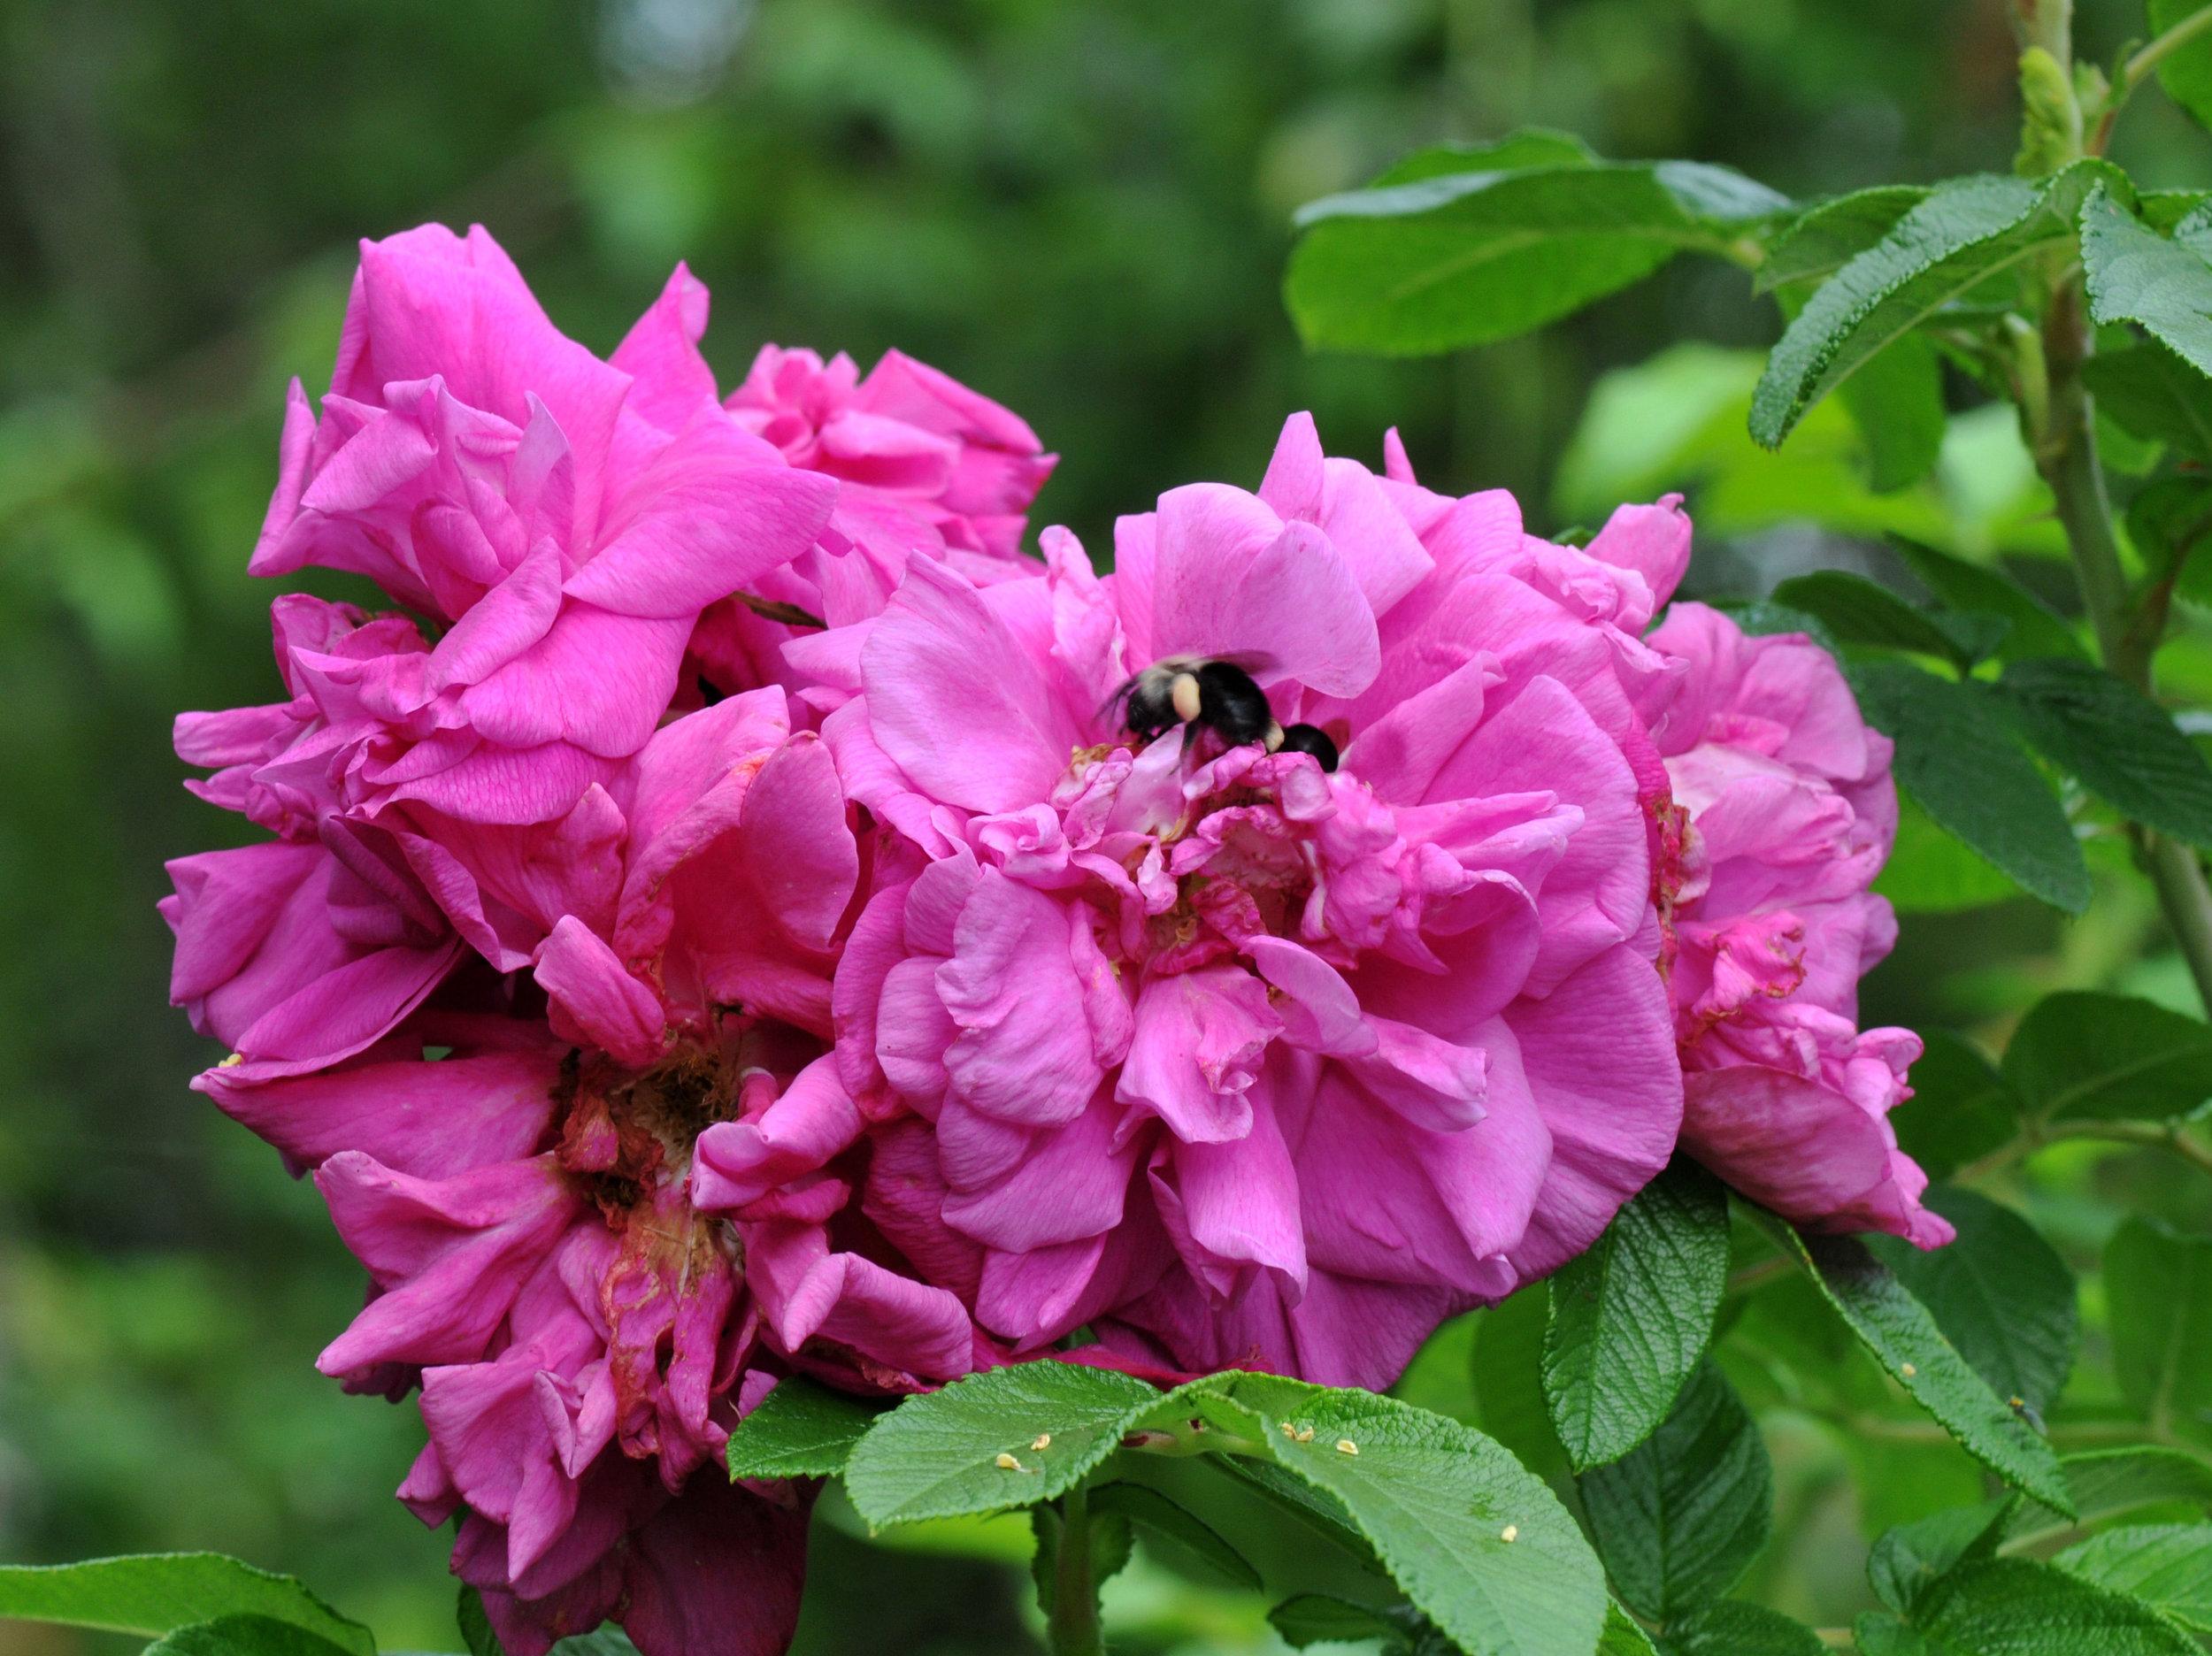 rosa-rugosa-hansa-24-1.jpg